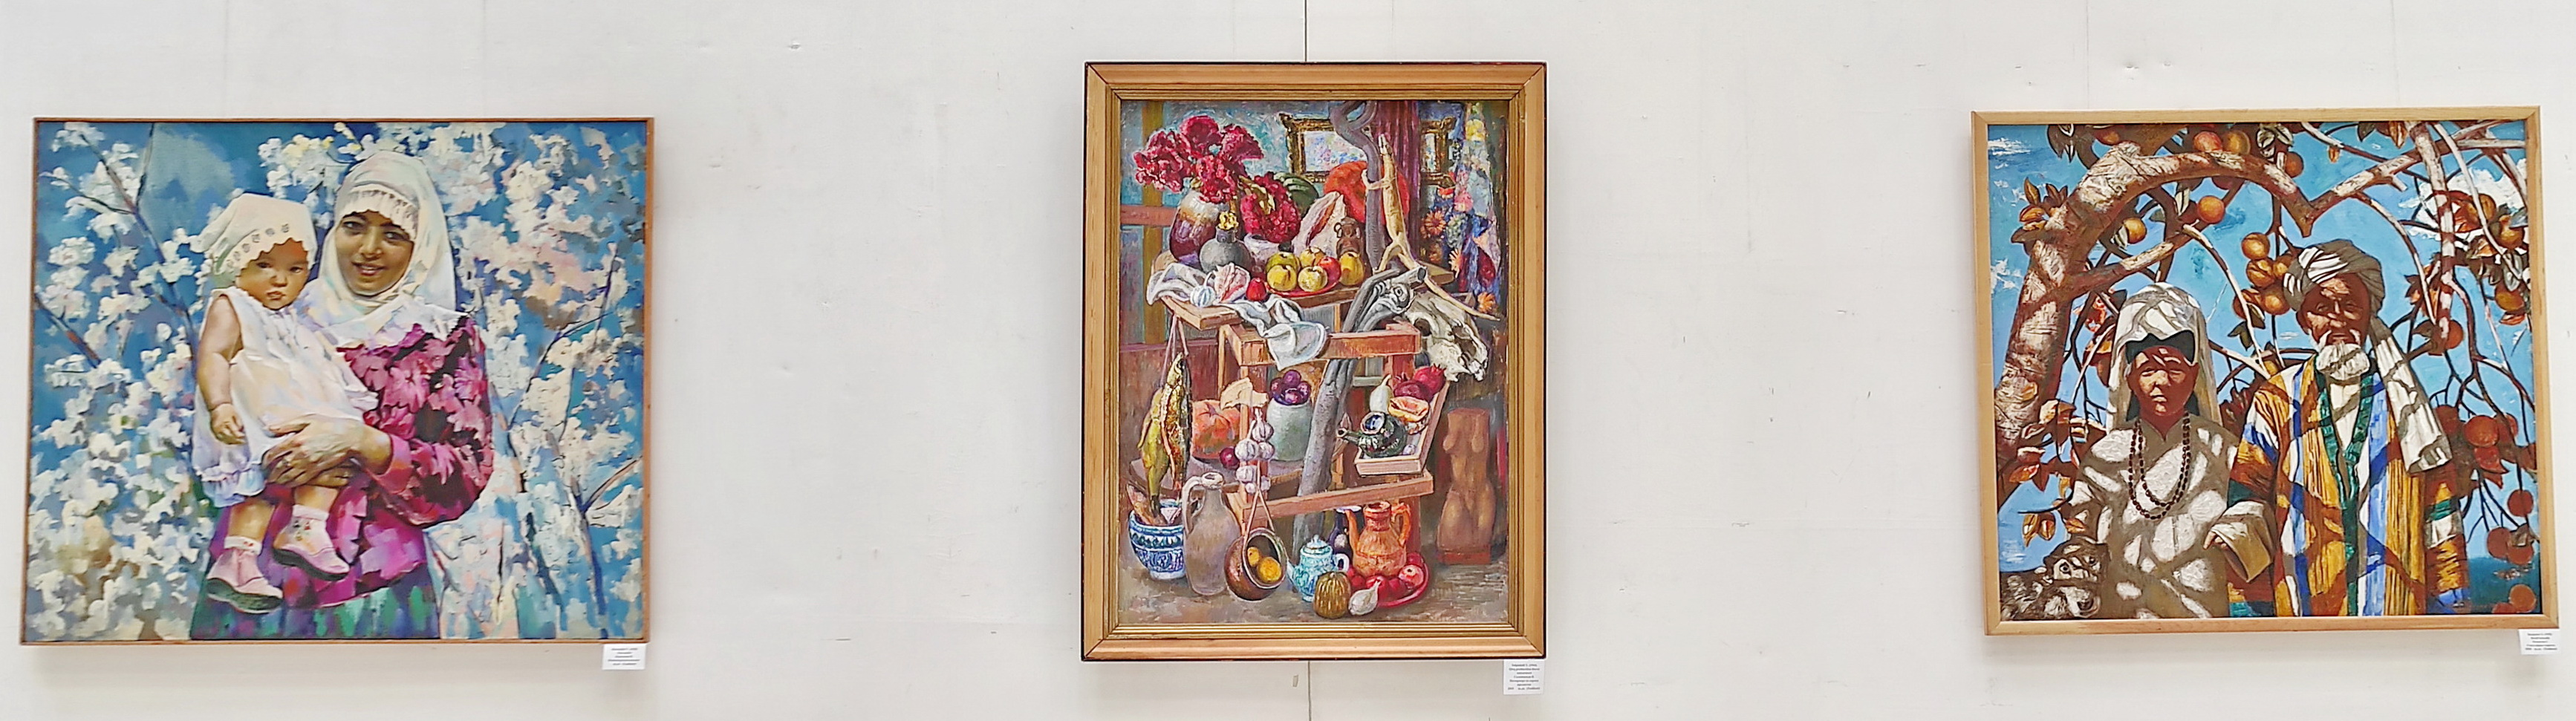 Экспозиция картин. Центральная. 1 этаж